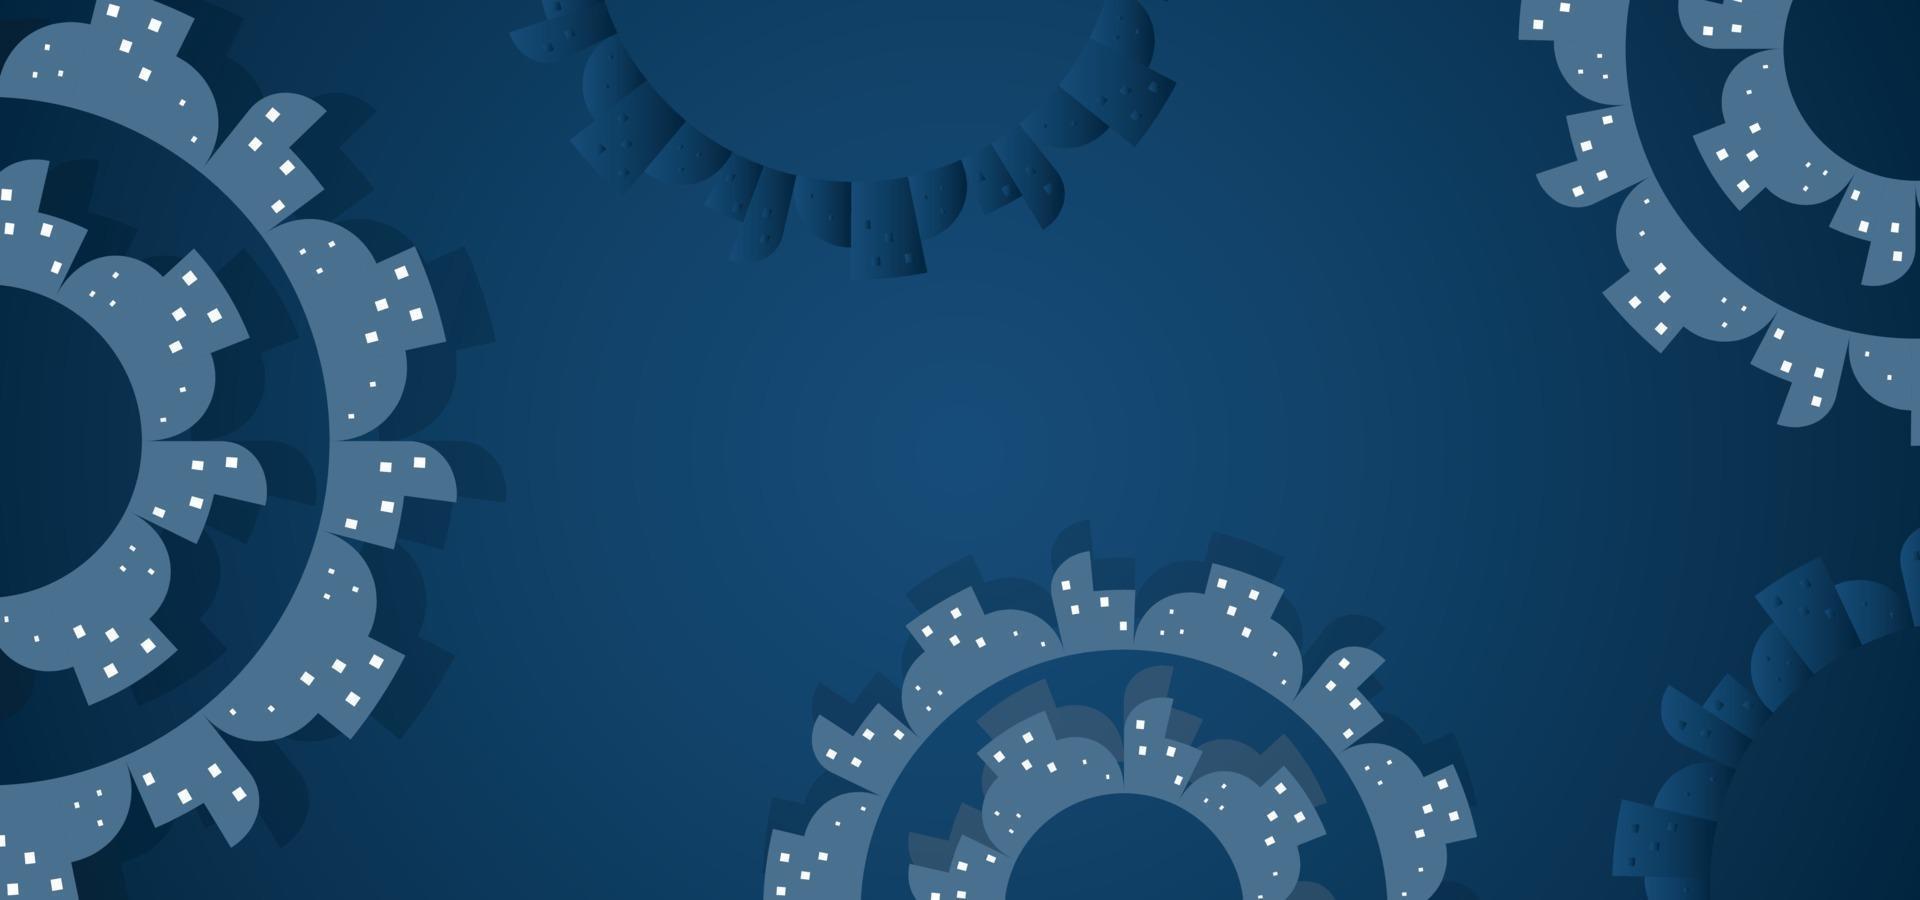 moderner geometrischer schöner Hintergrund oder Fahne vektor